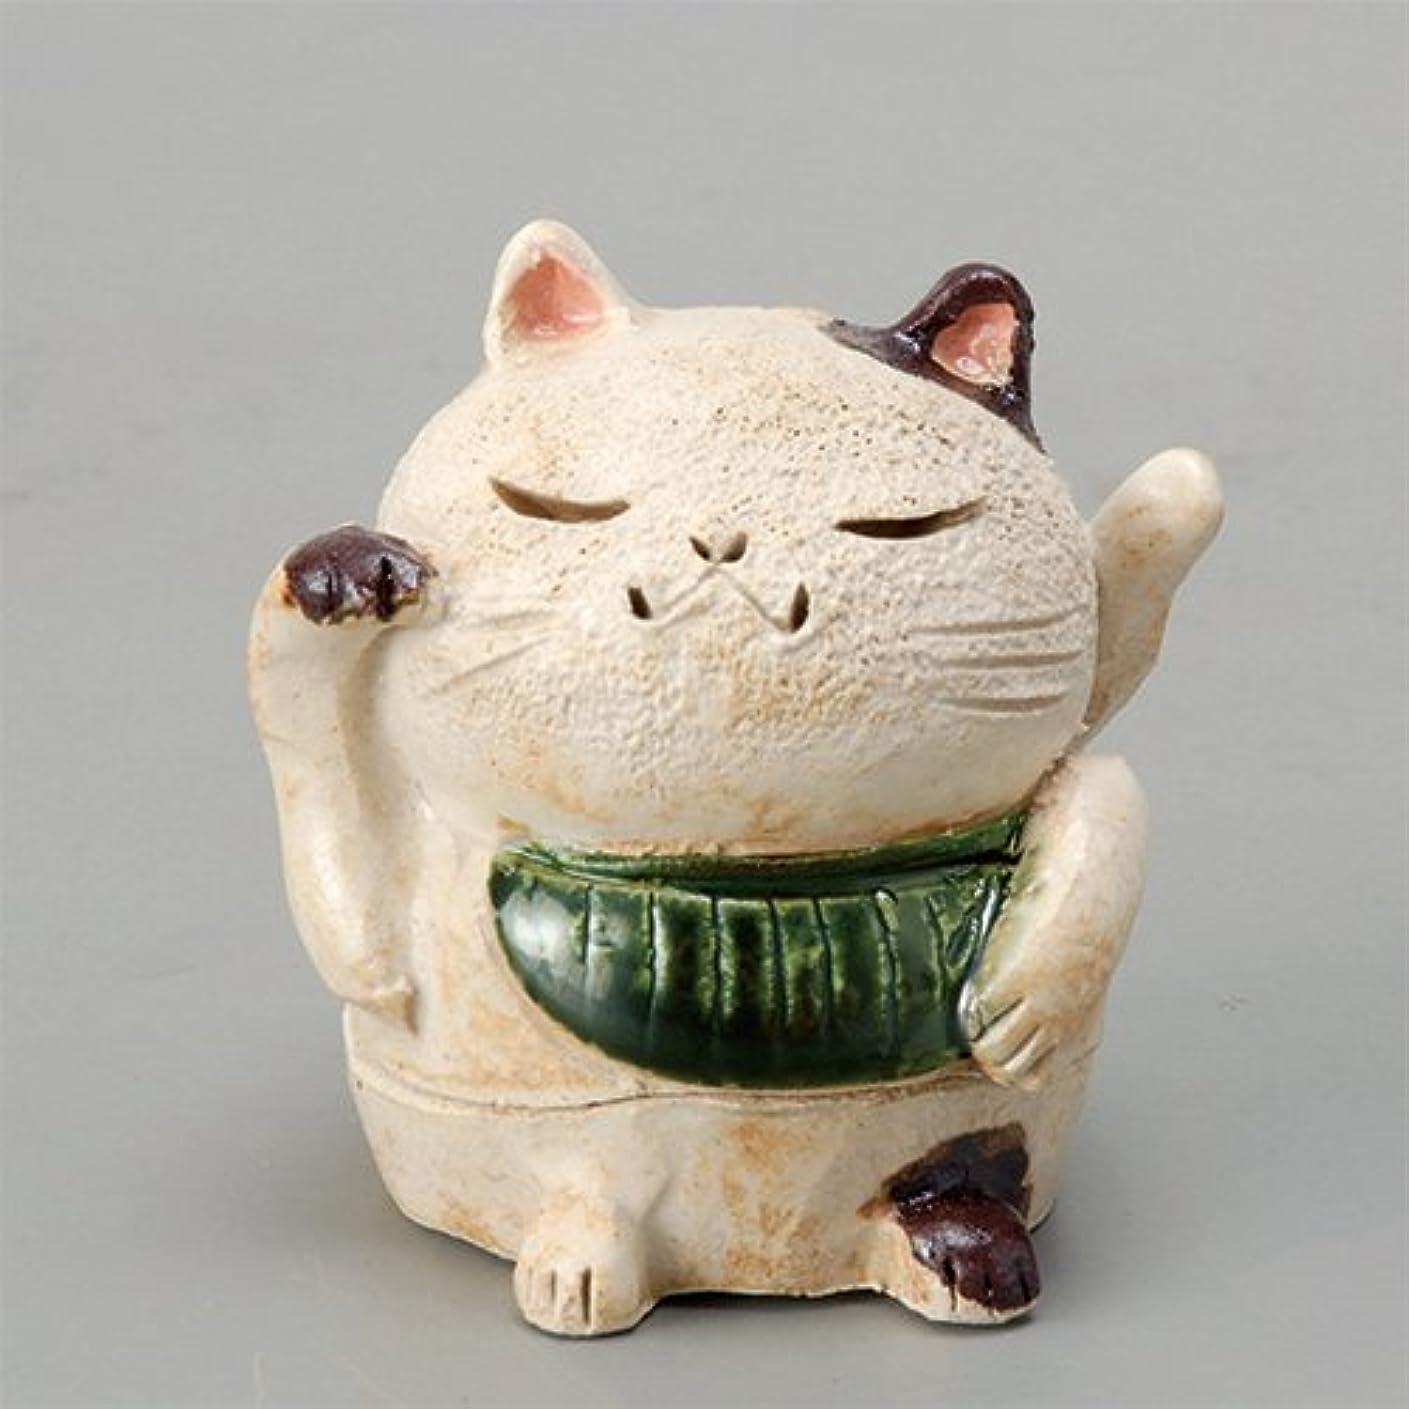 望ましいアマゾンジャングル類推香炉 白萩 招き猫(お金)香炉(小) [H8cm] HANDMADE プレゼント ギフト 和食器 かわいい インテリア